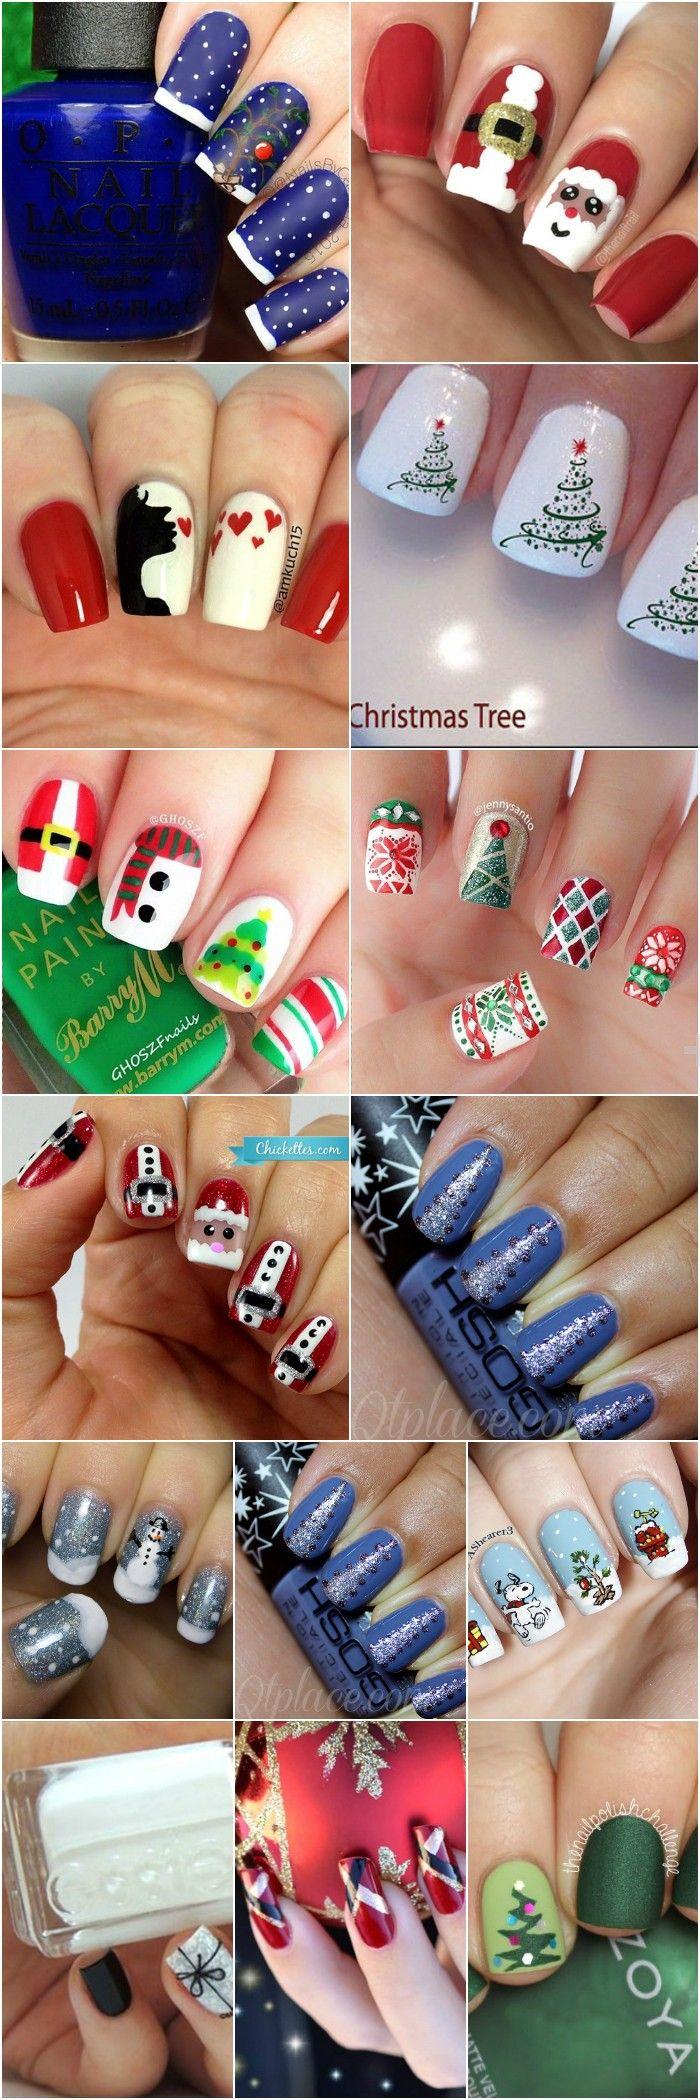 72 besten Nails Bilder auf Pinterest | Weihnachts nägel, Nageldesign ...